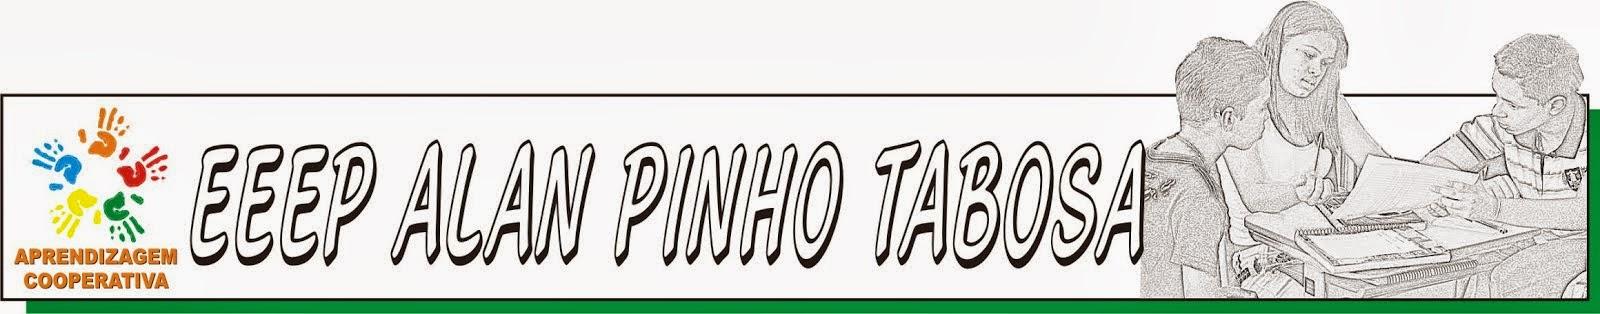 EEEP Alan Pinho Tabosa